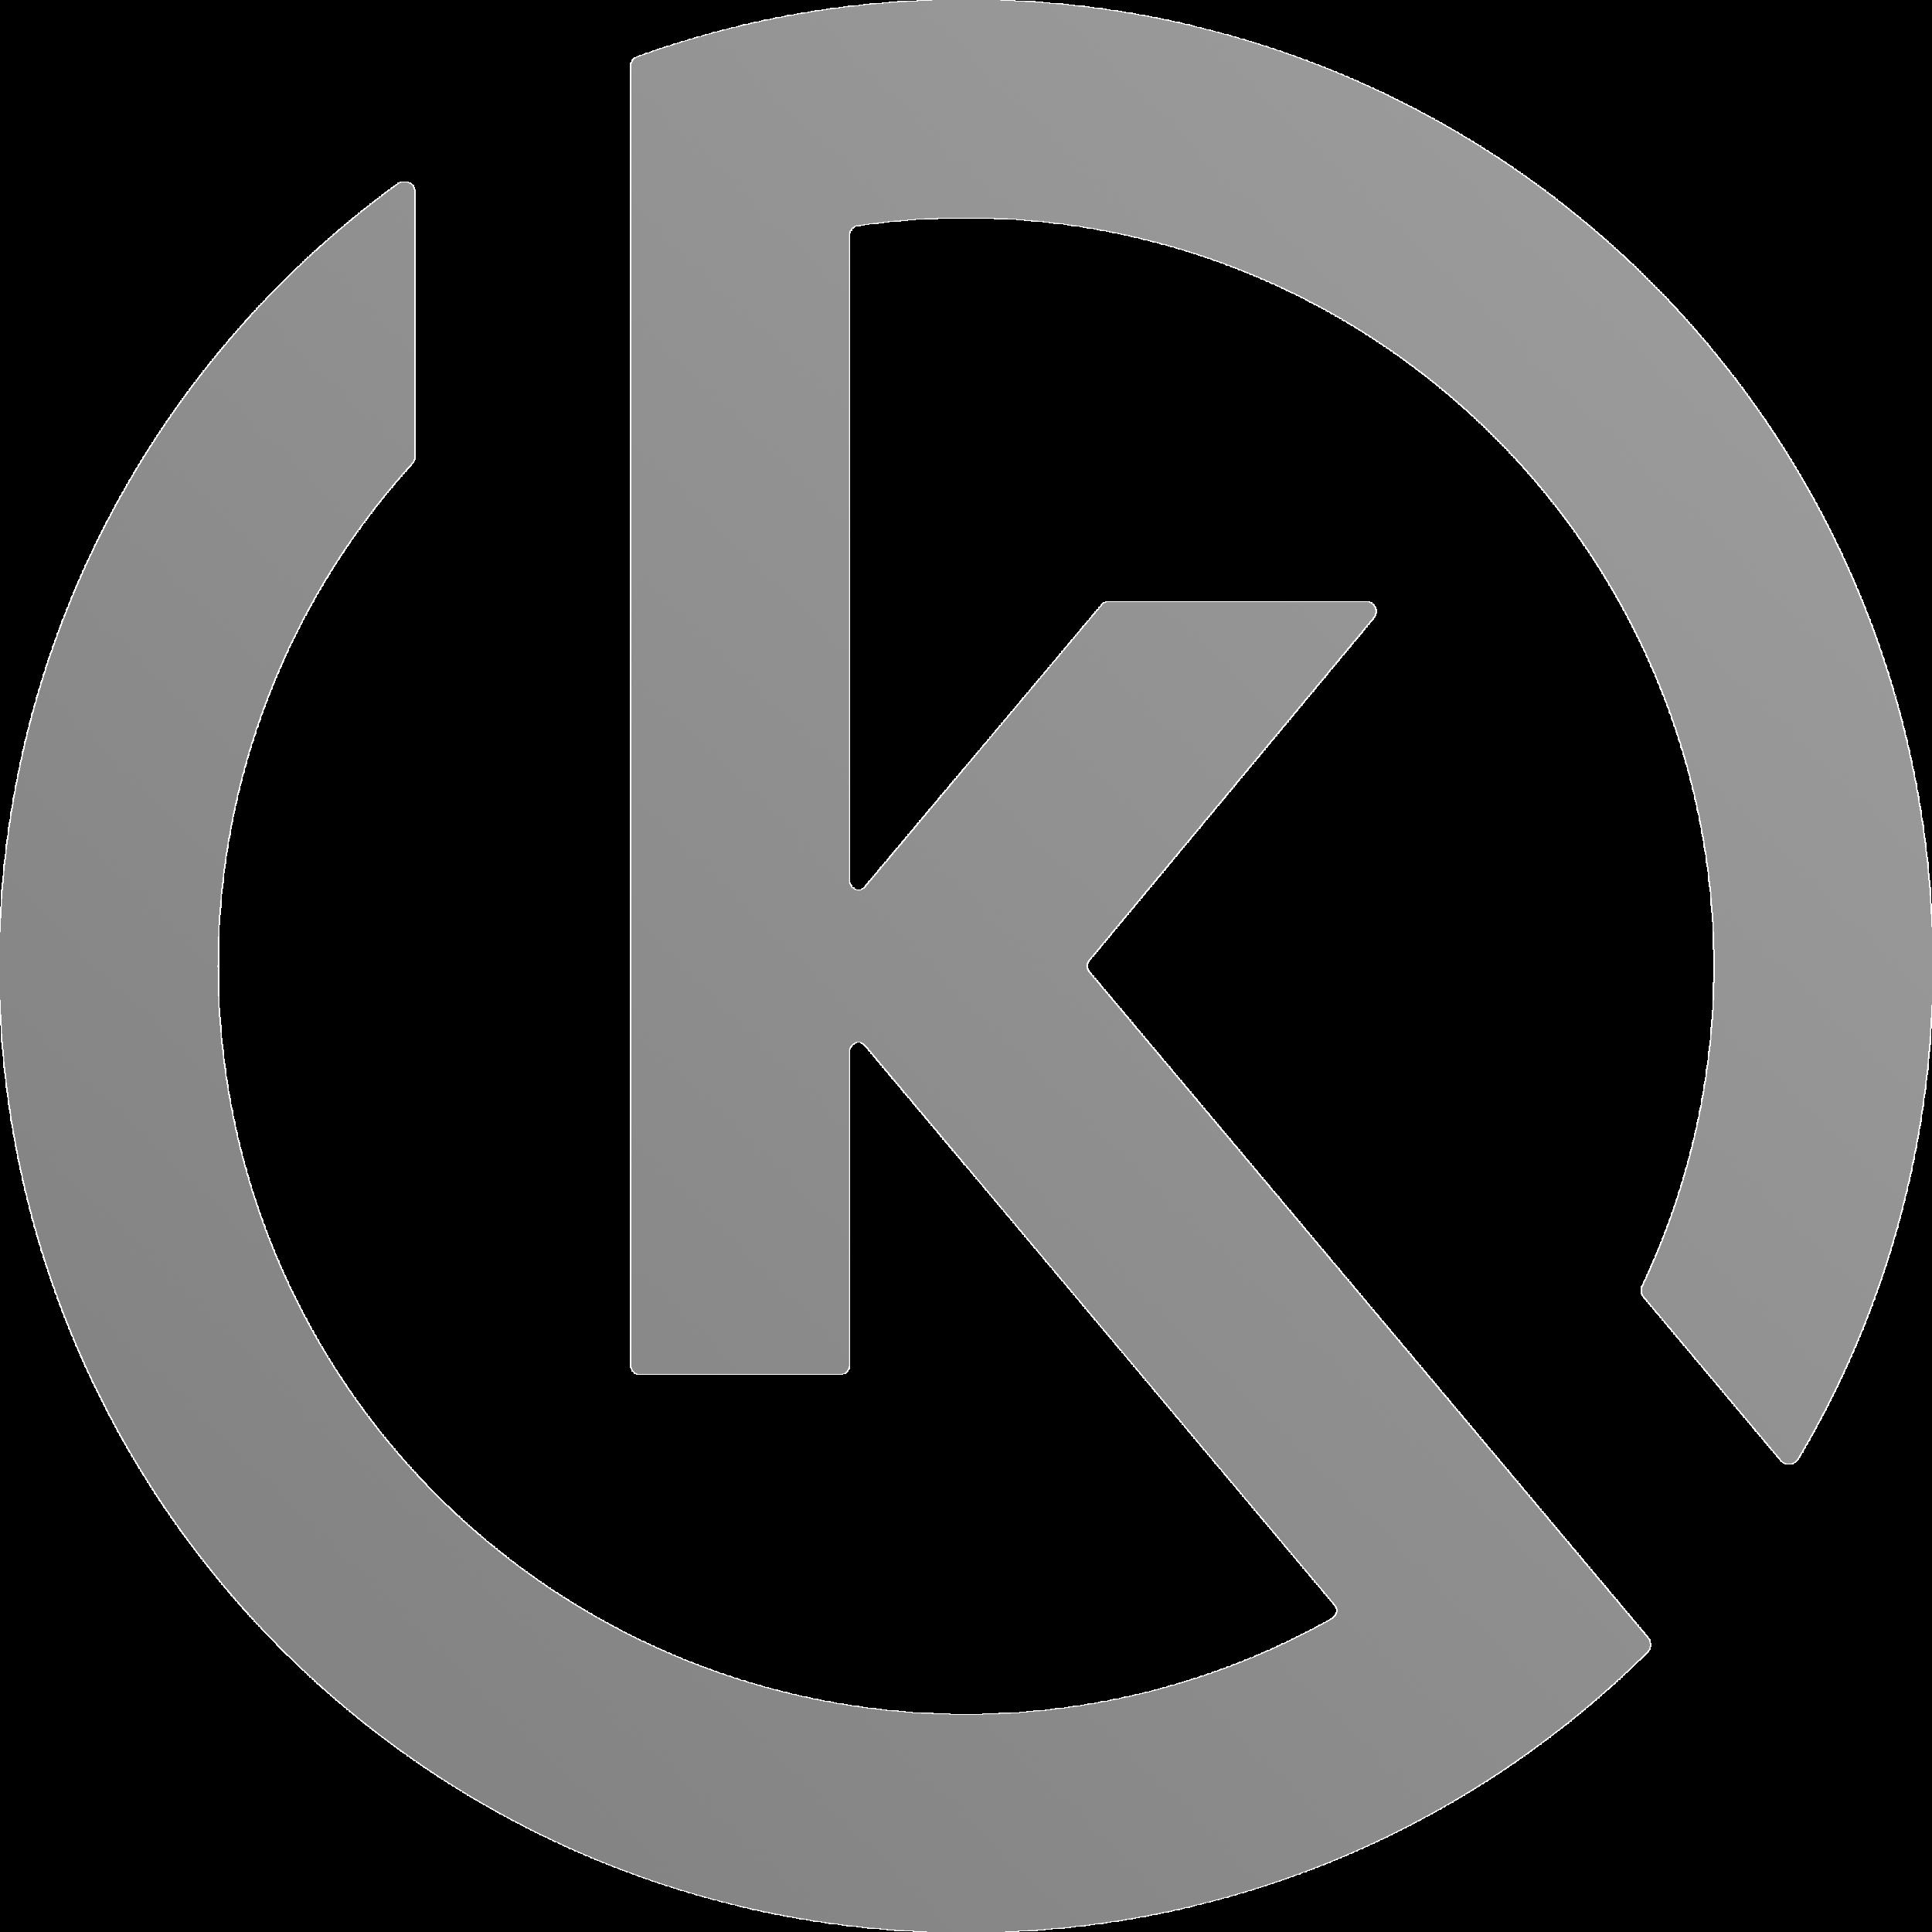 Kynect_Logo_Blue_Gradient_Transparent_dead.png